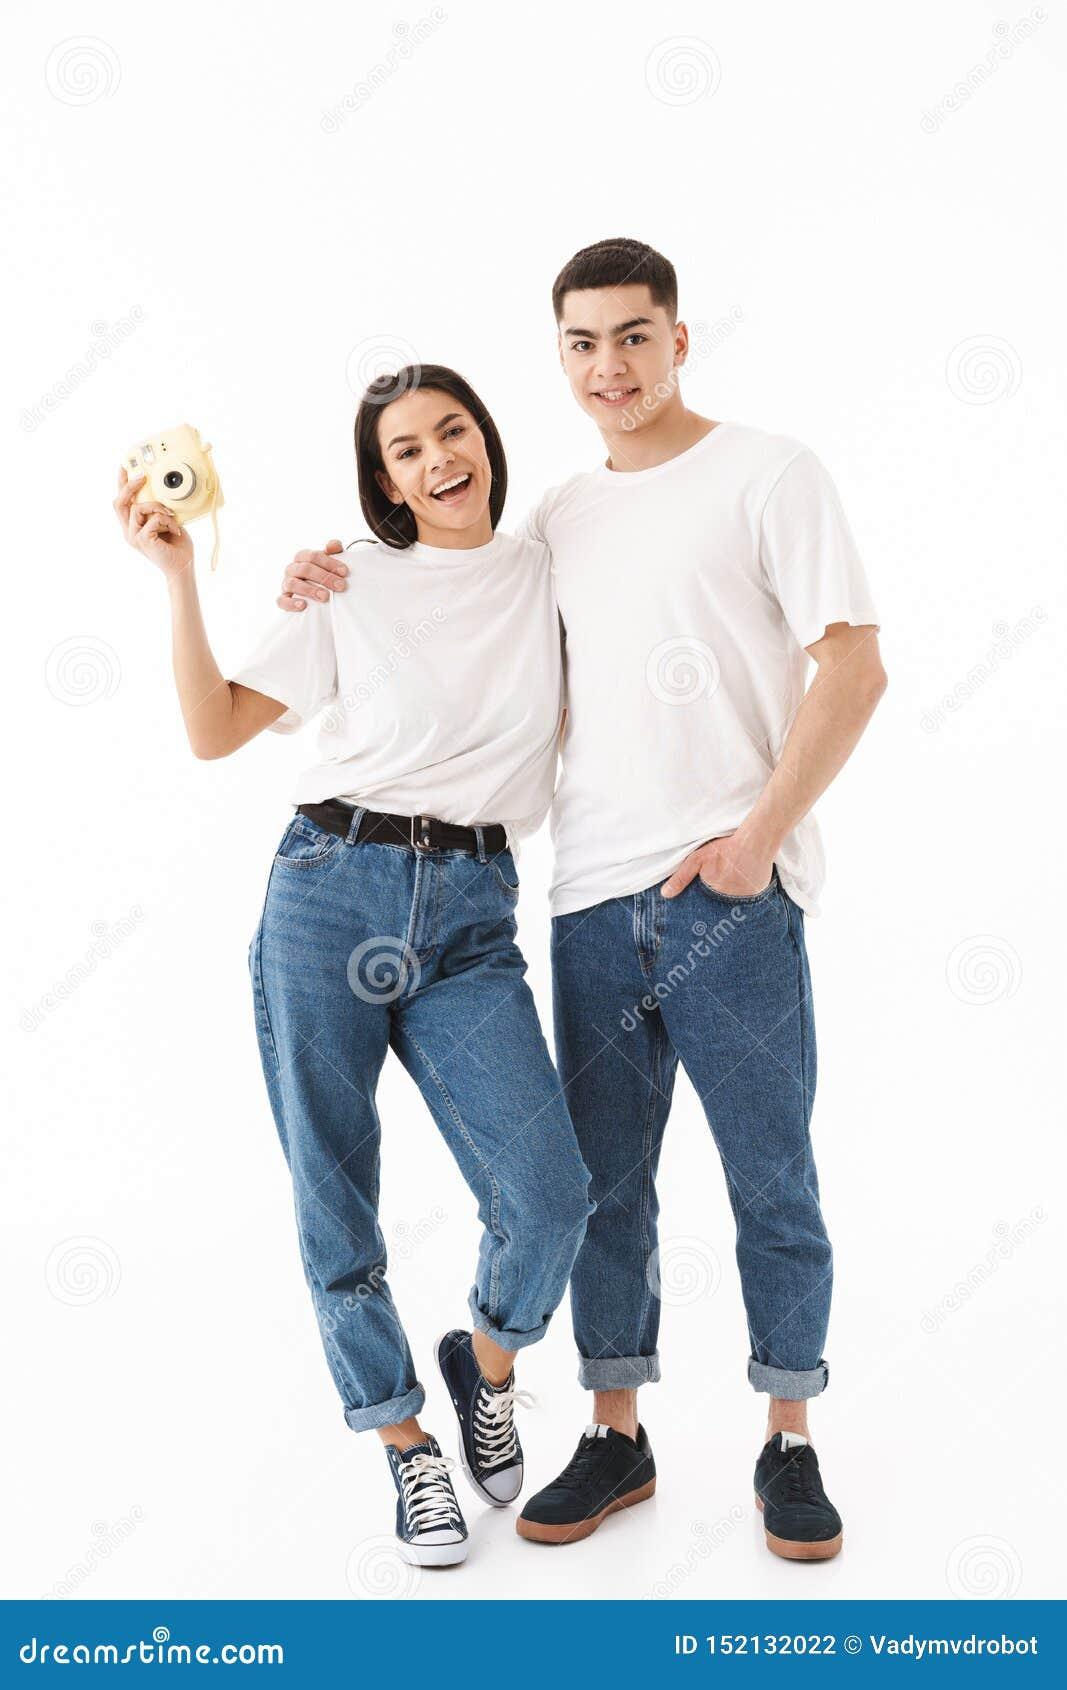 一对年轻有吸引力的夫妇的全长画象